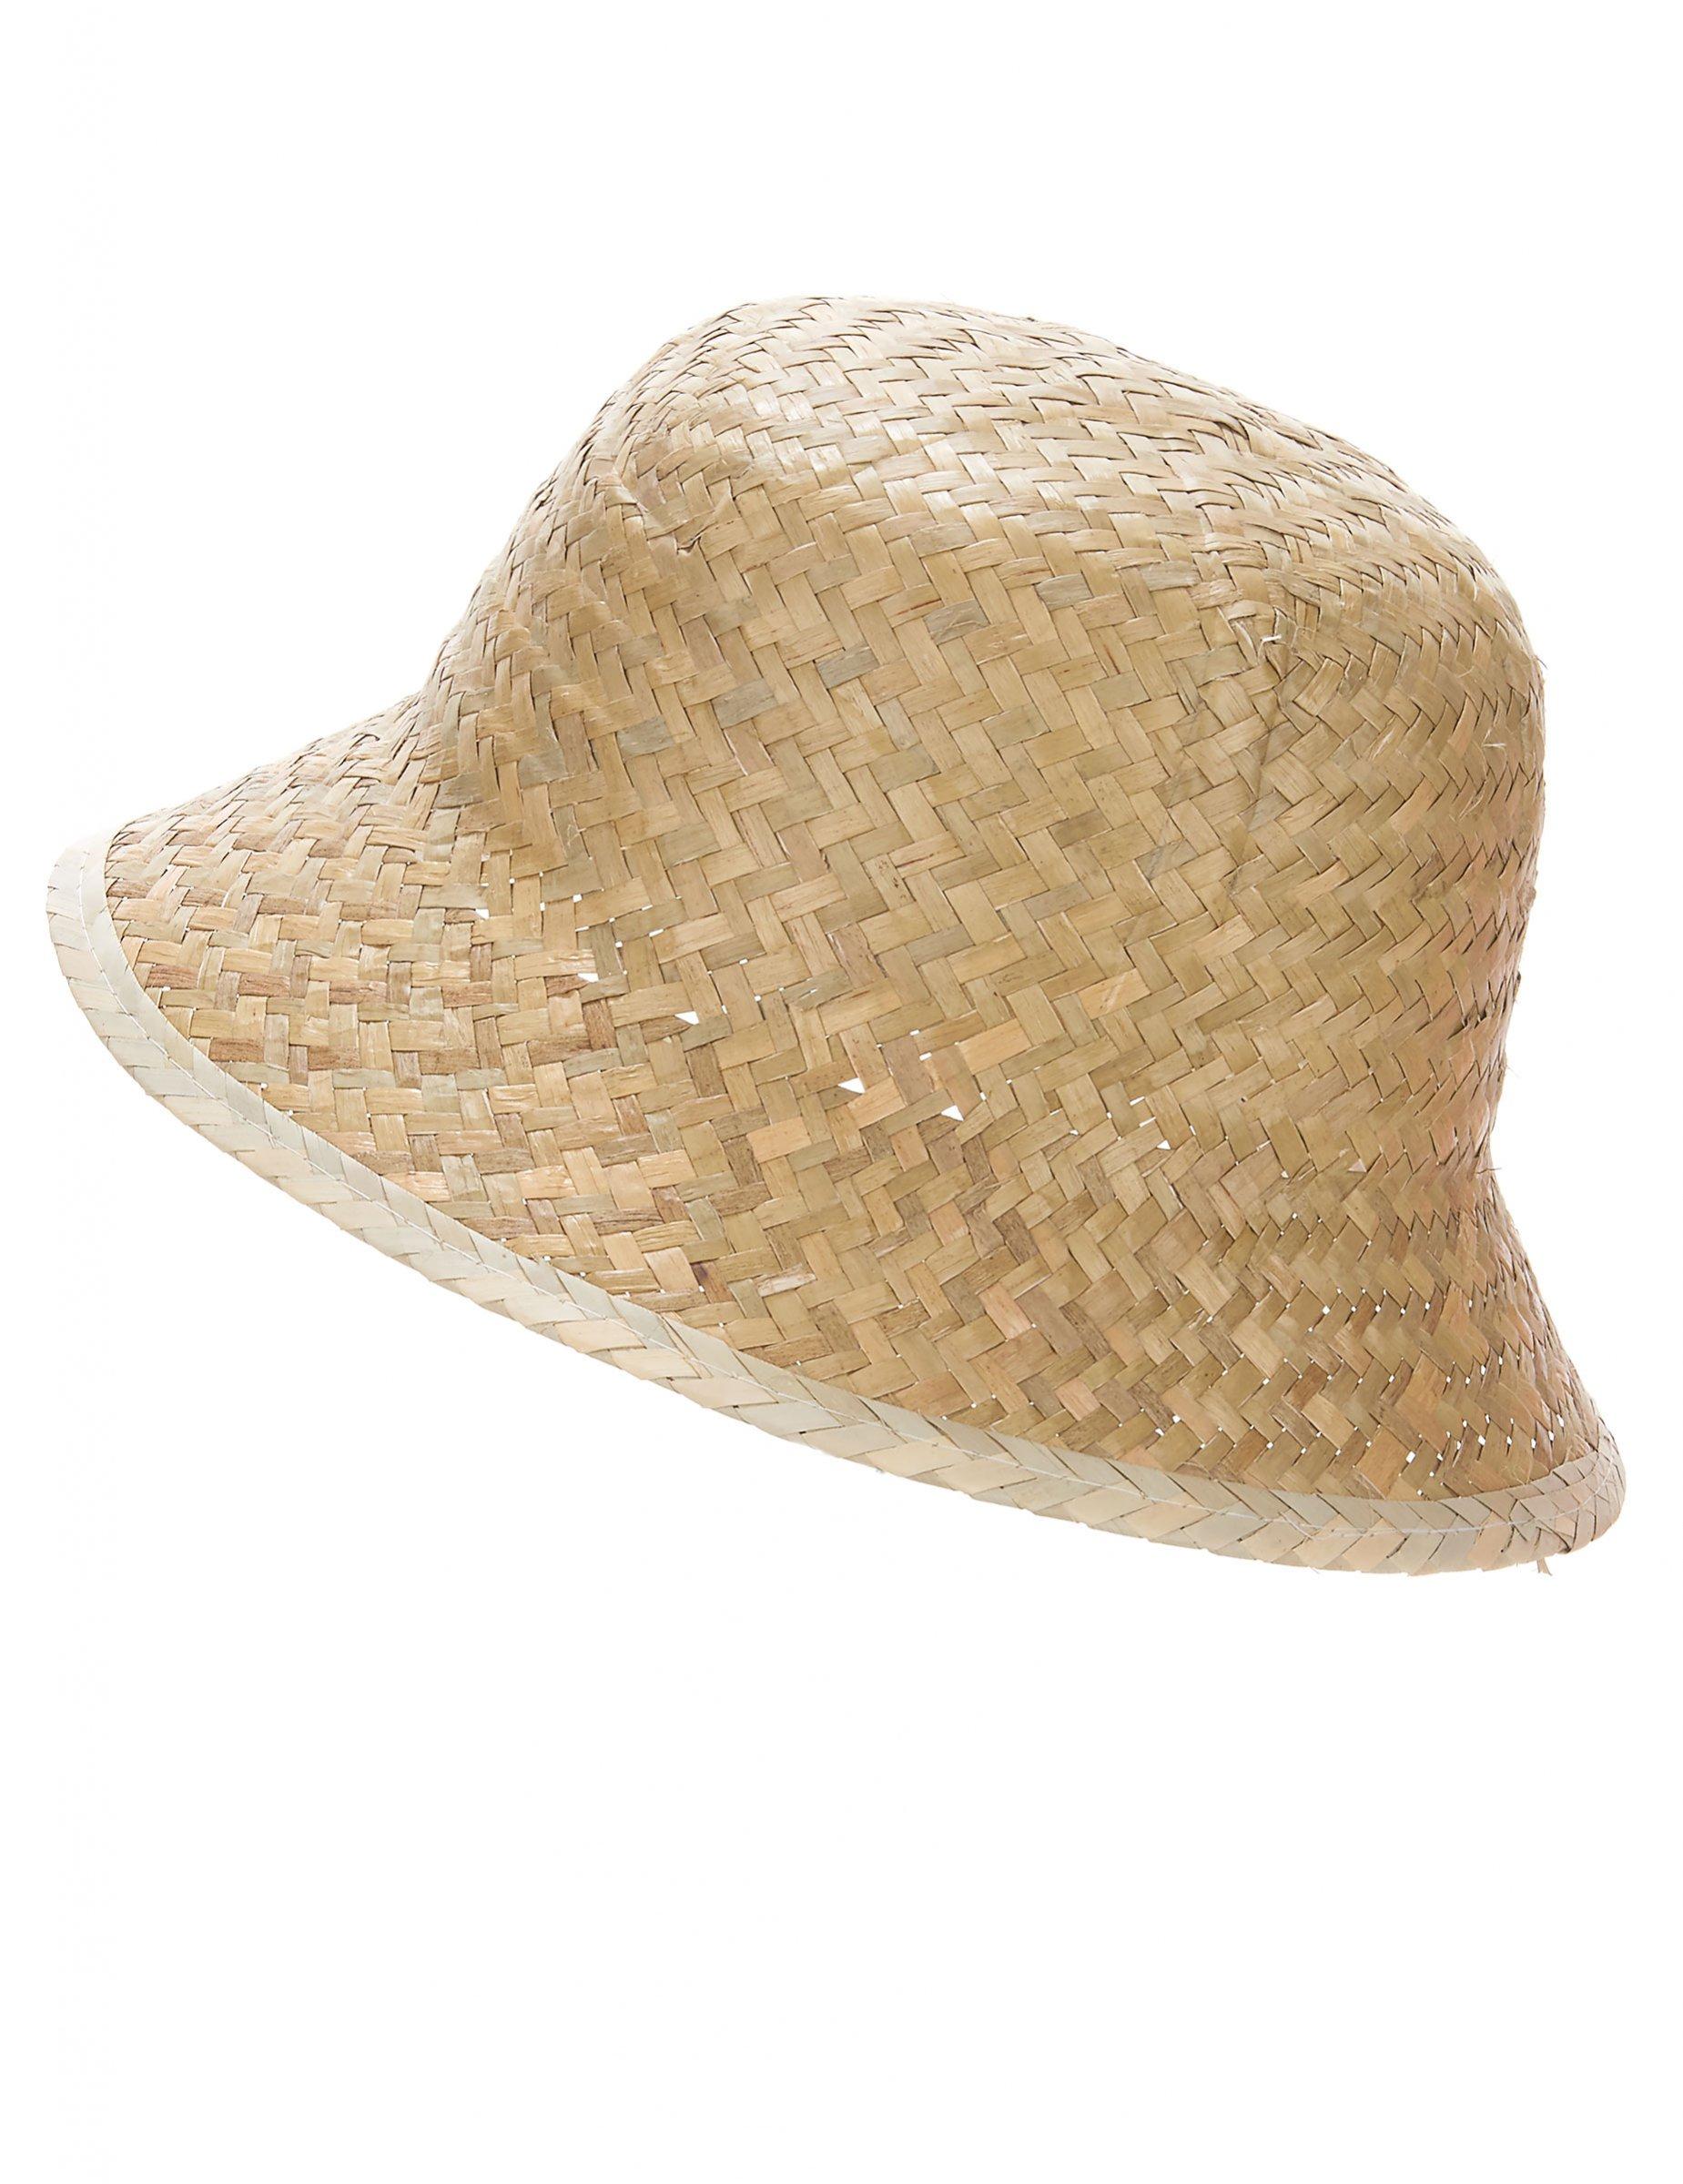 Cappelloa clochedi paglia adulto  Cappelli 299925241915